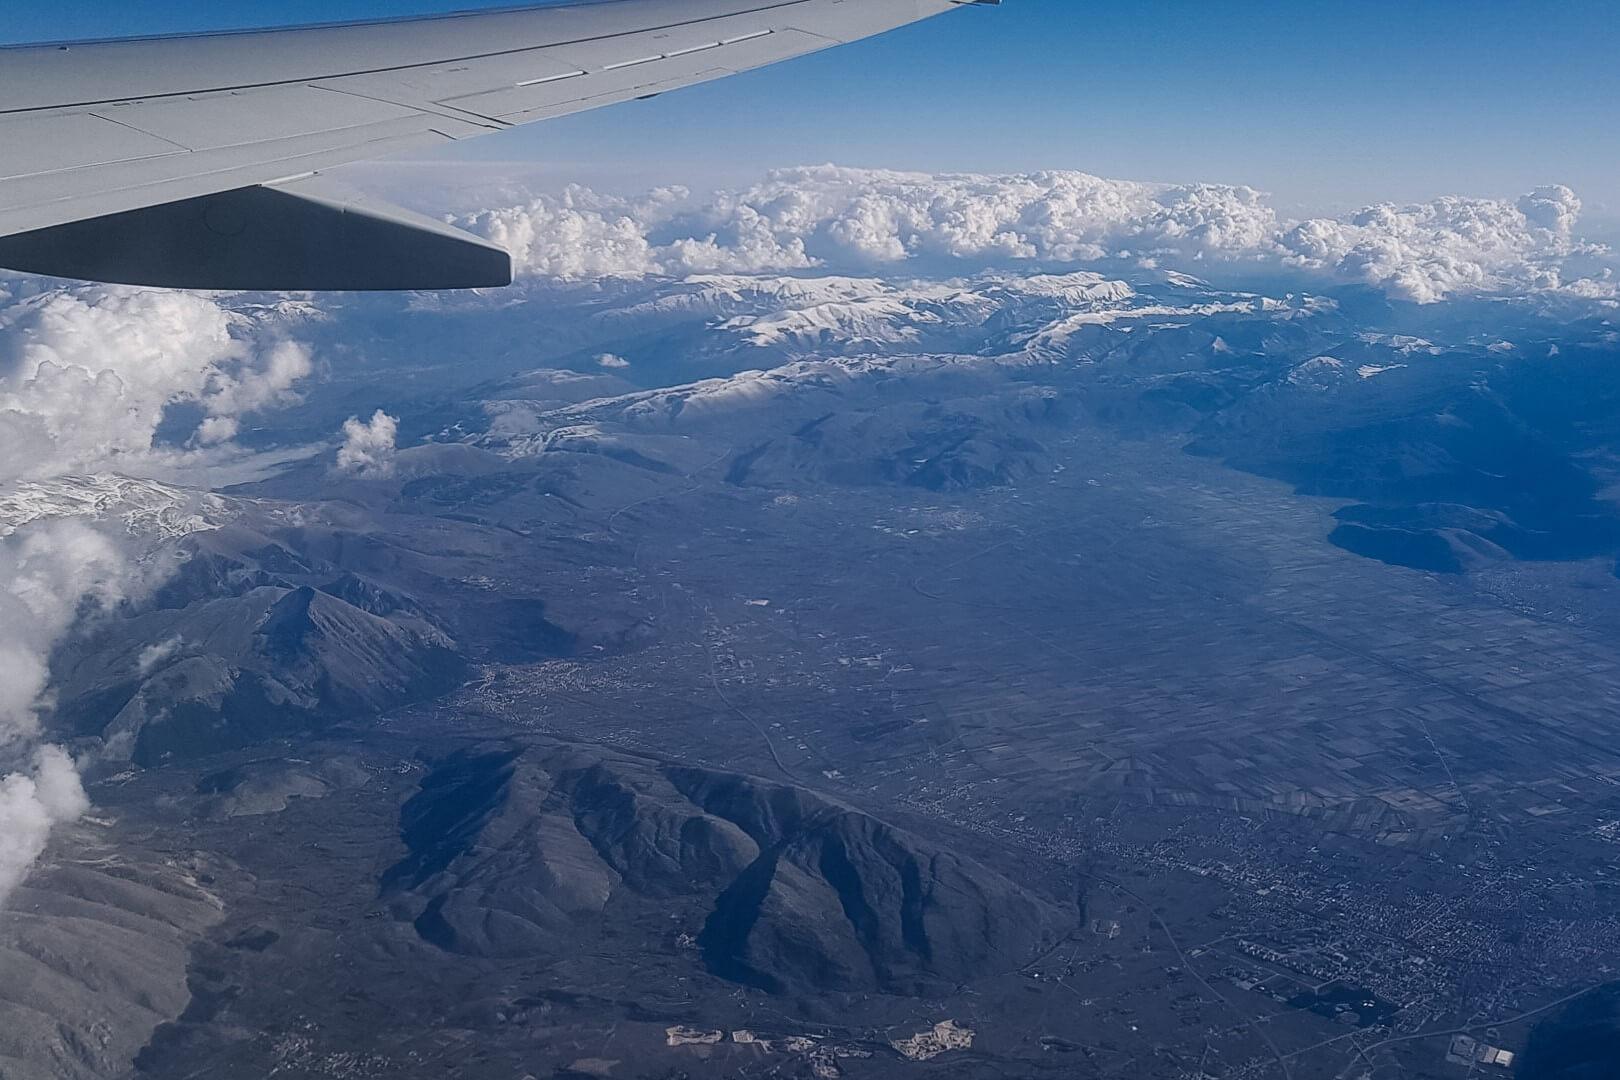 Podróż samolotem, widok z góry na ziemię.